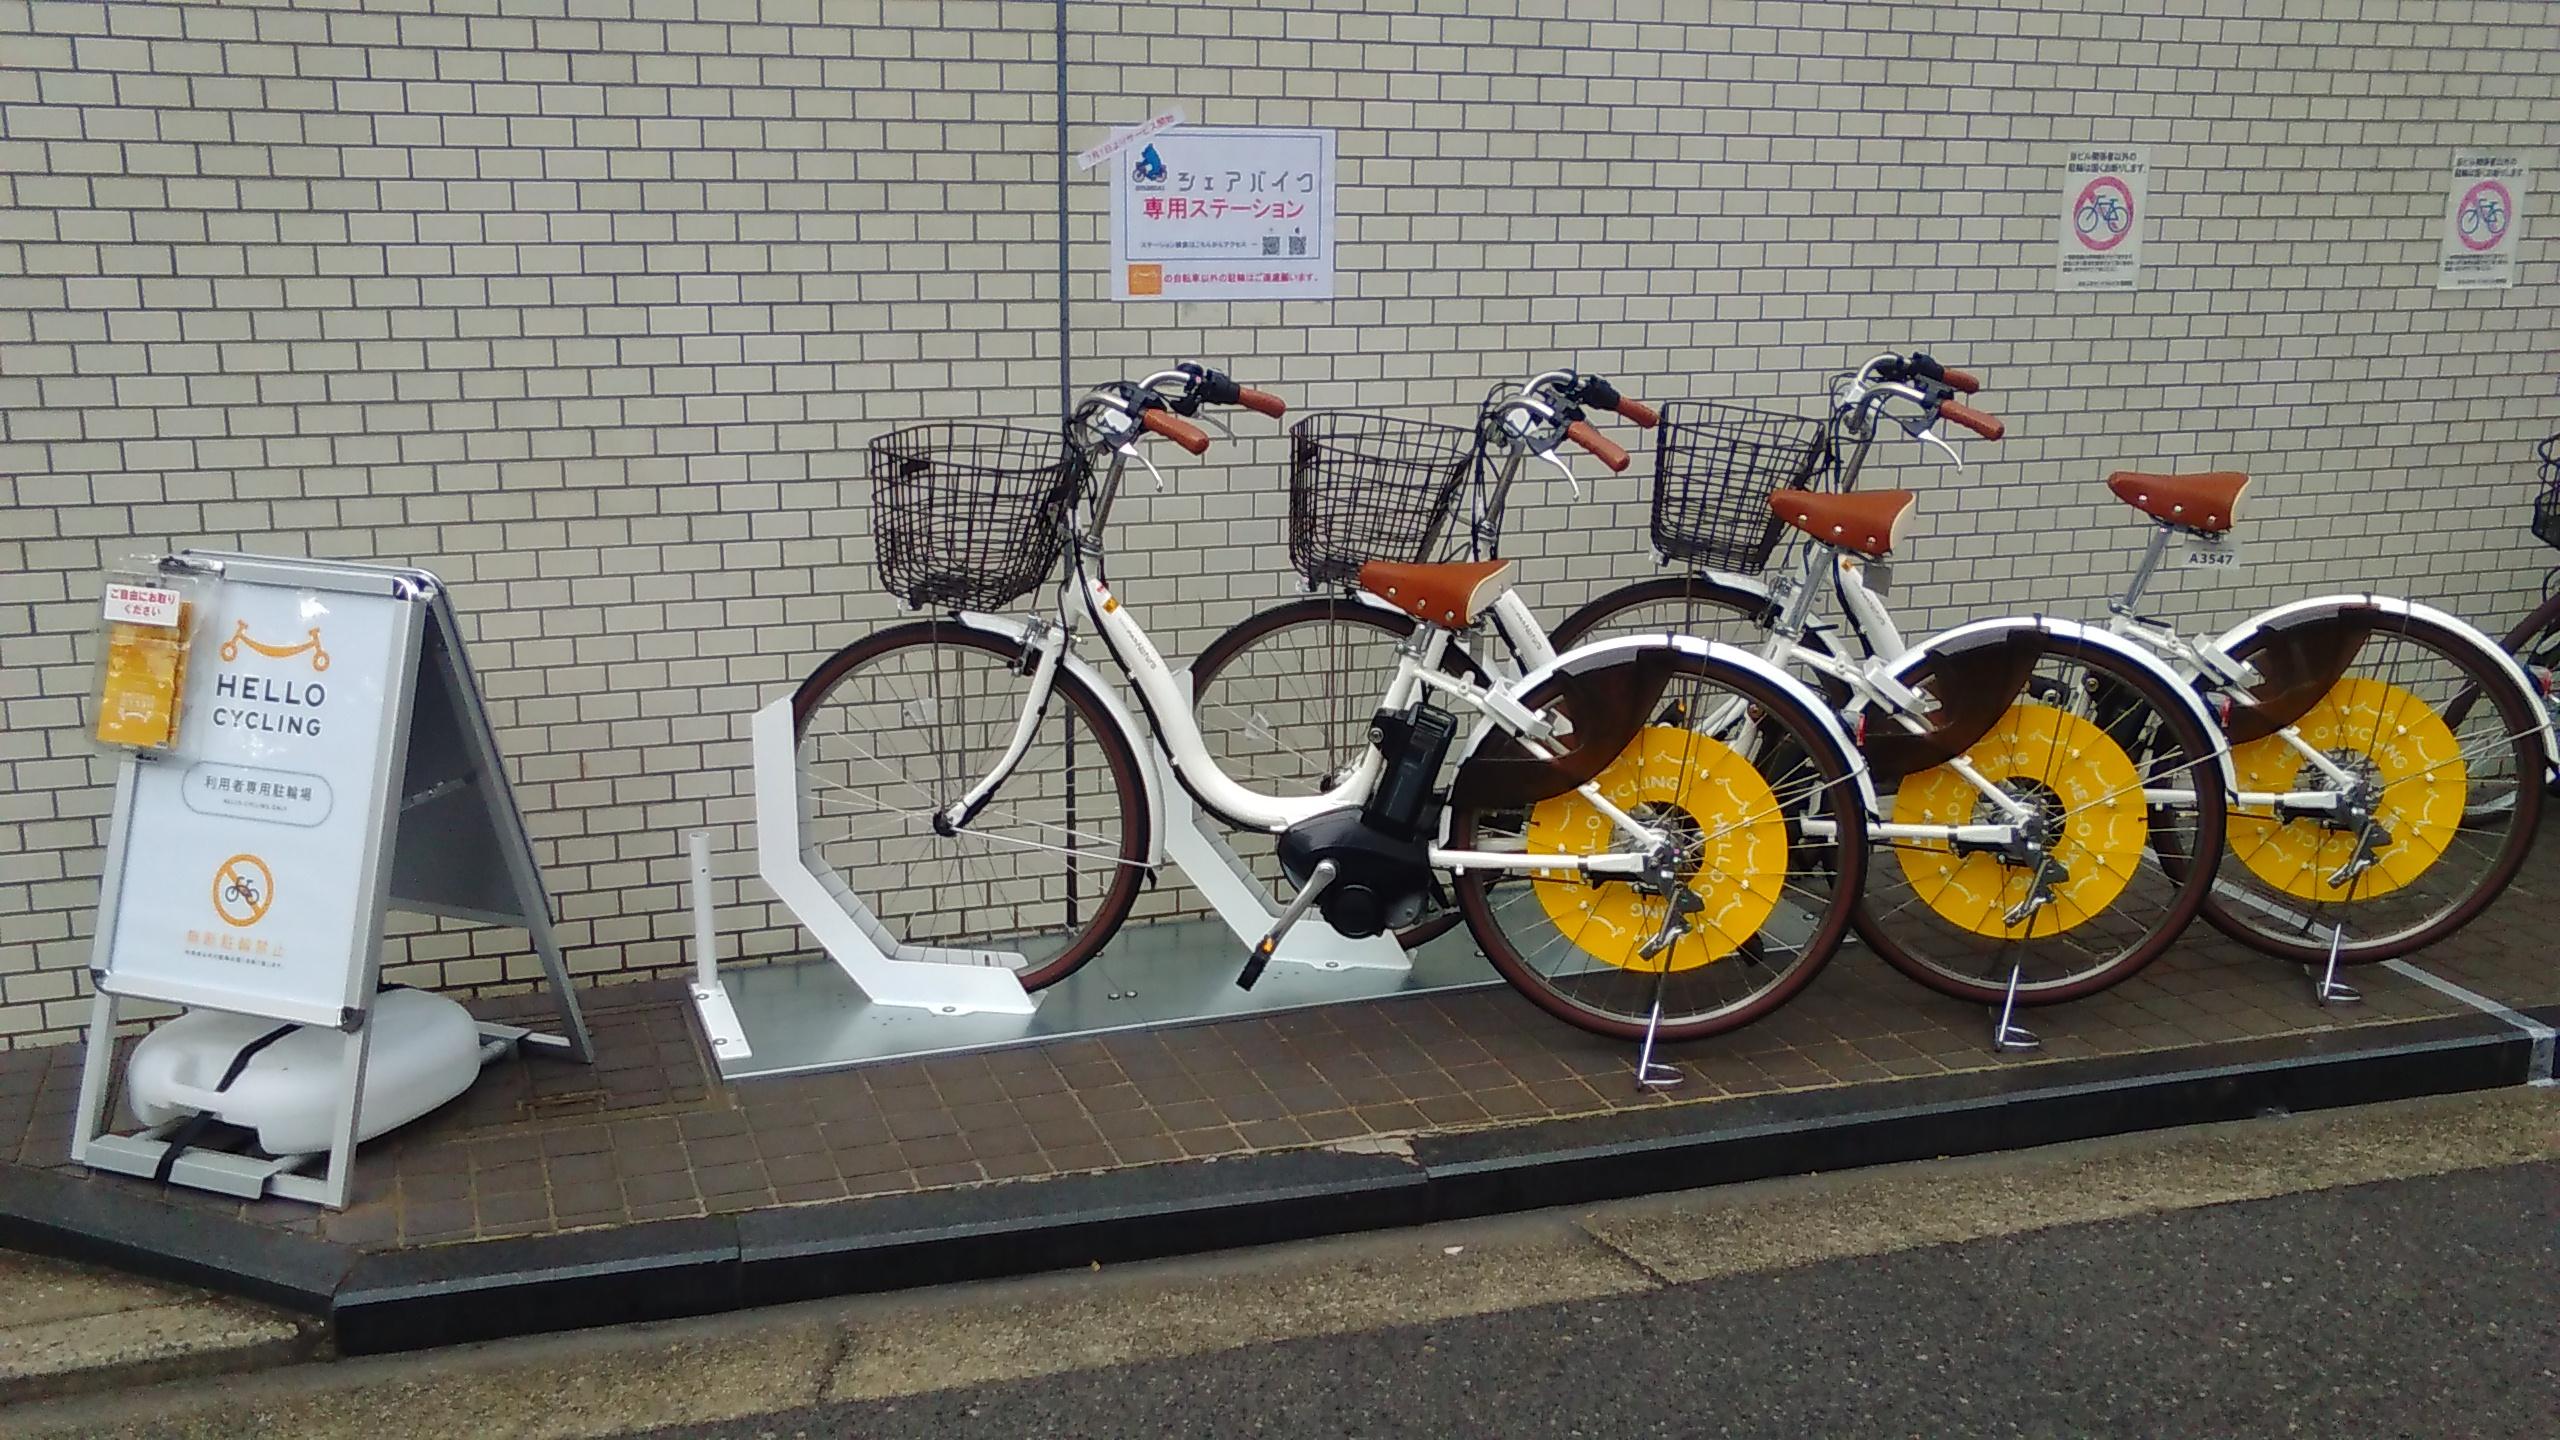 あなぶきセントラルビル(南・北あり) (HELLO CYCLING ポート) image